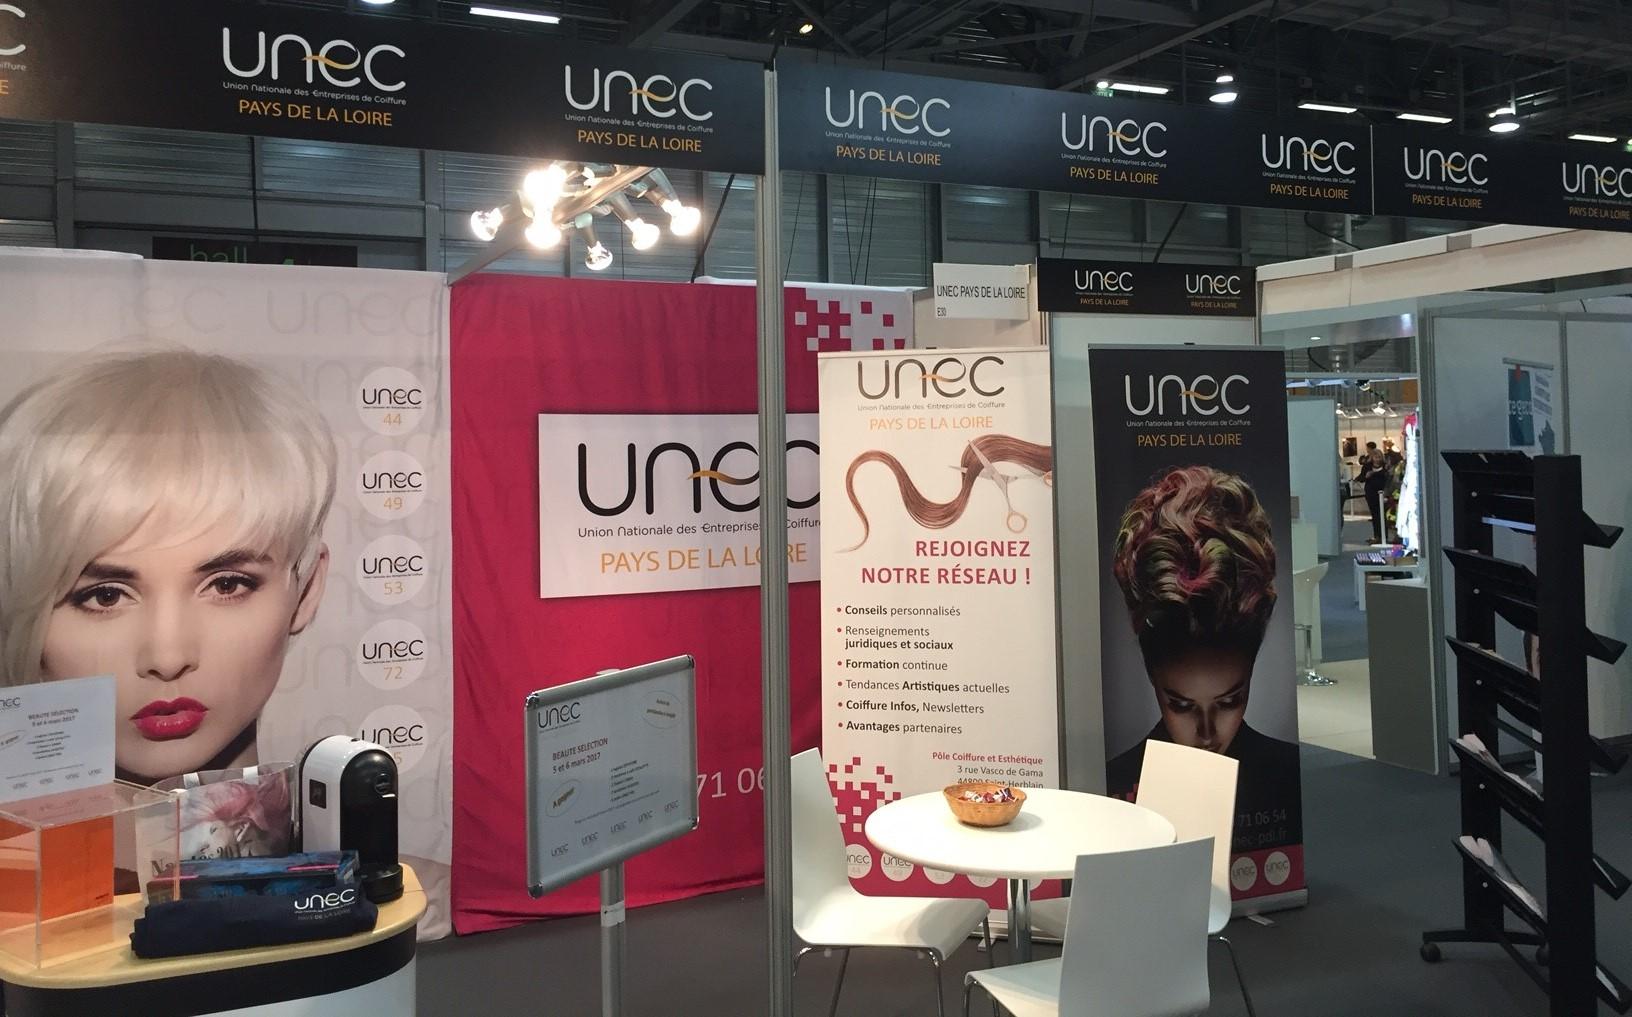 Stand de l'UNEC Pays de la Loire